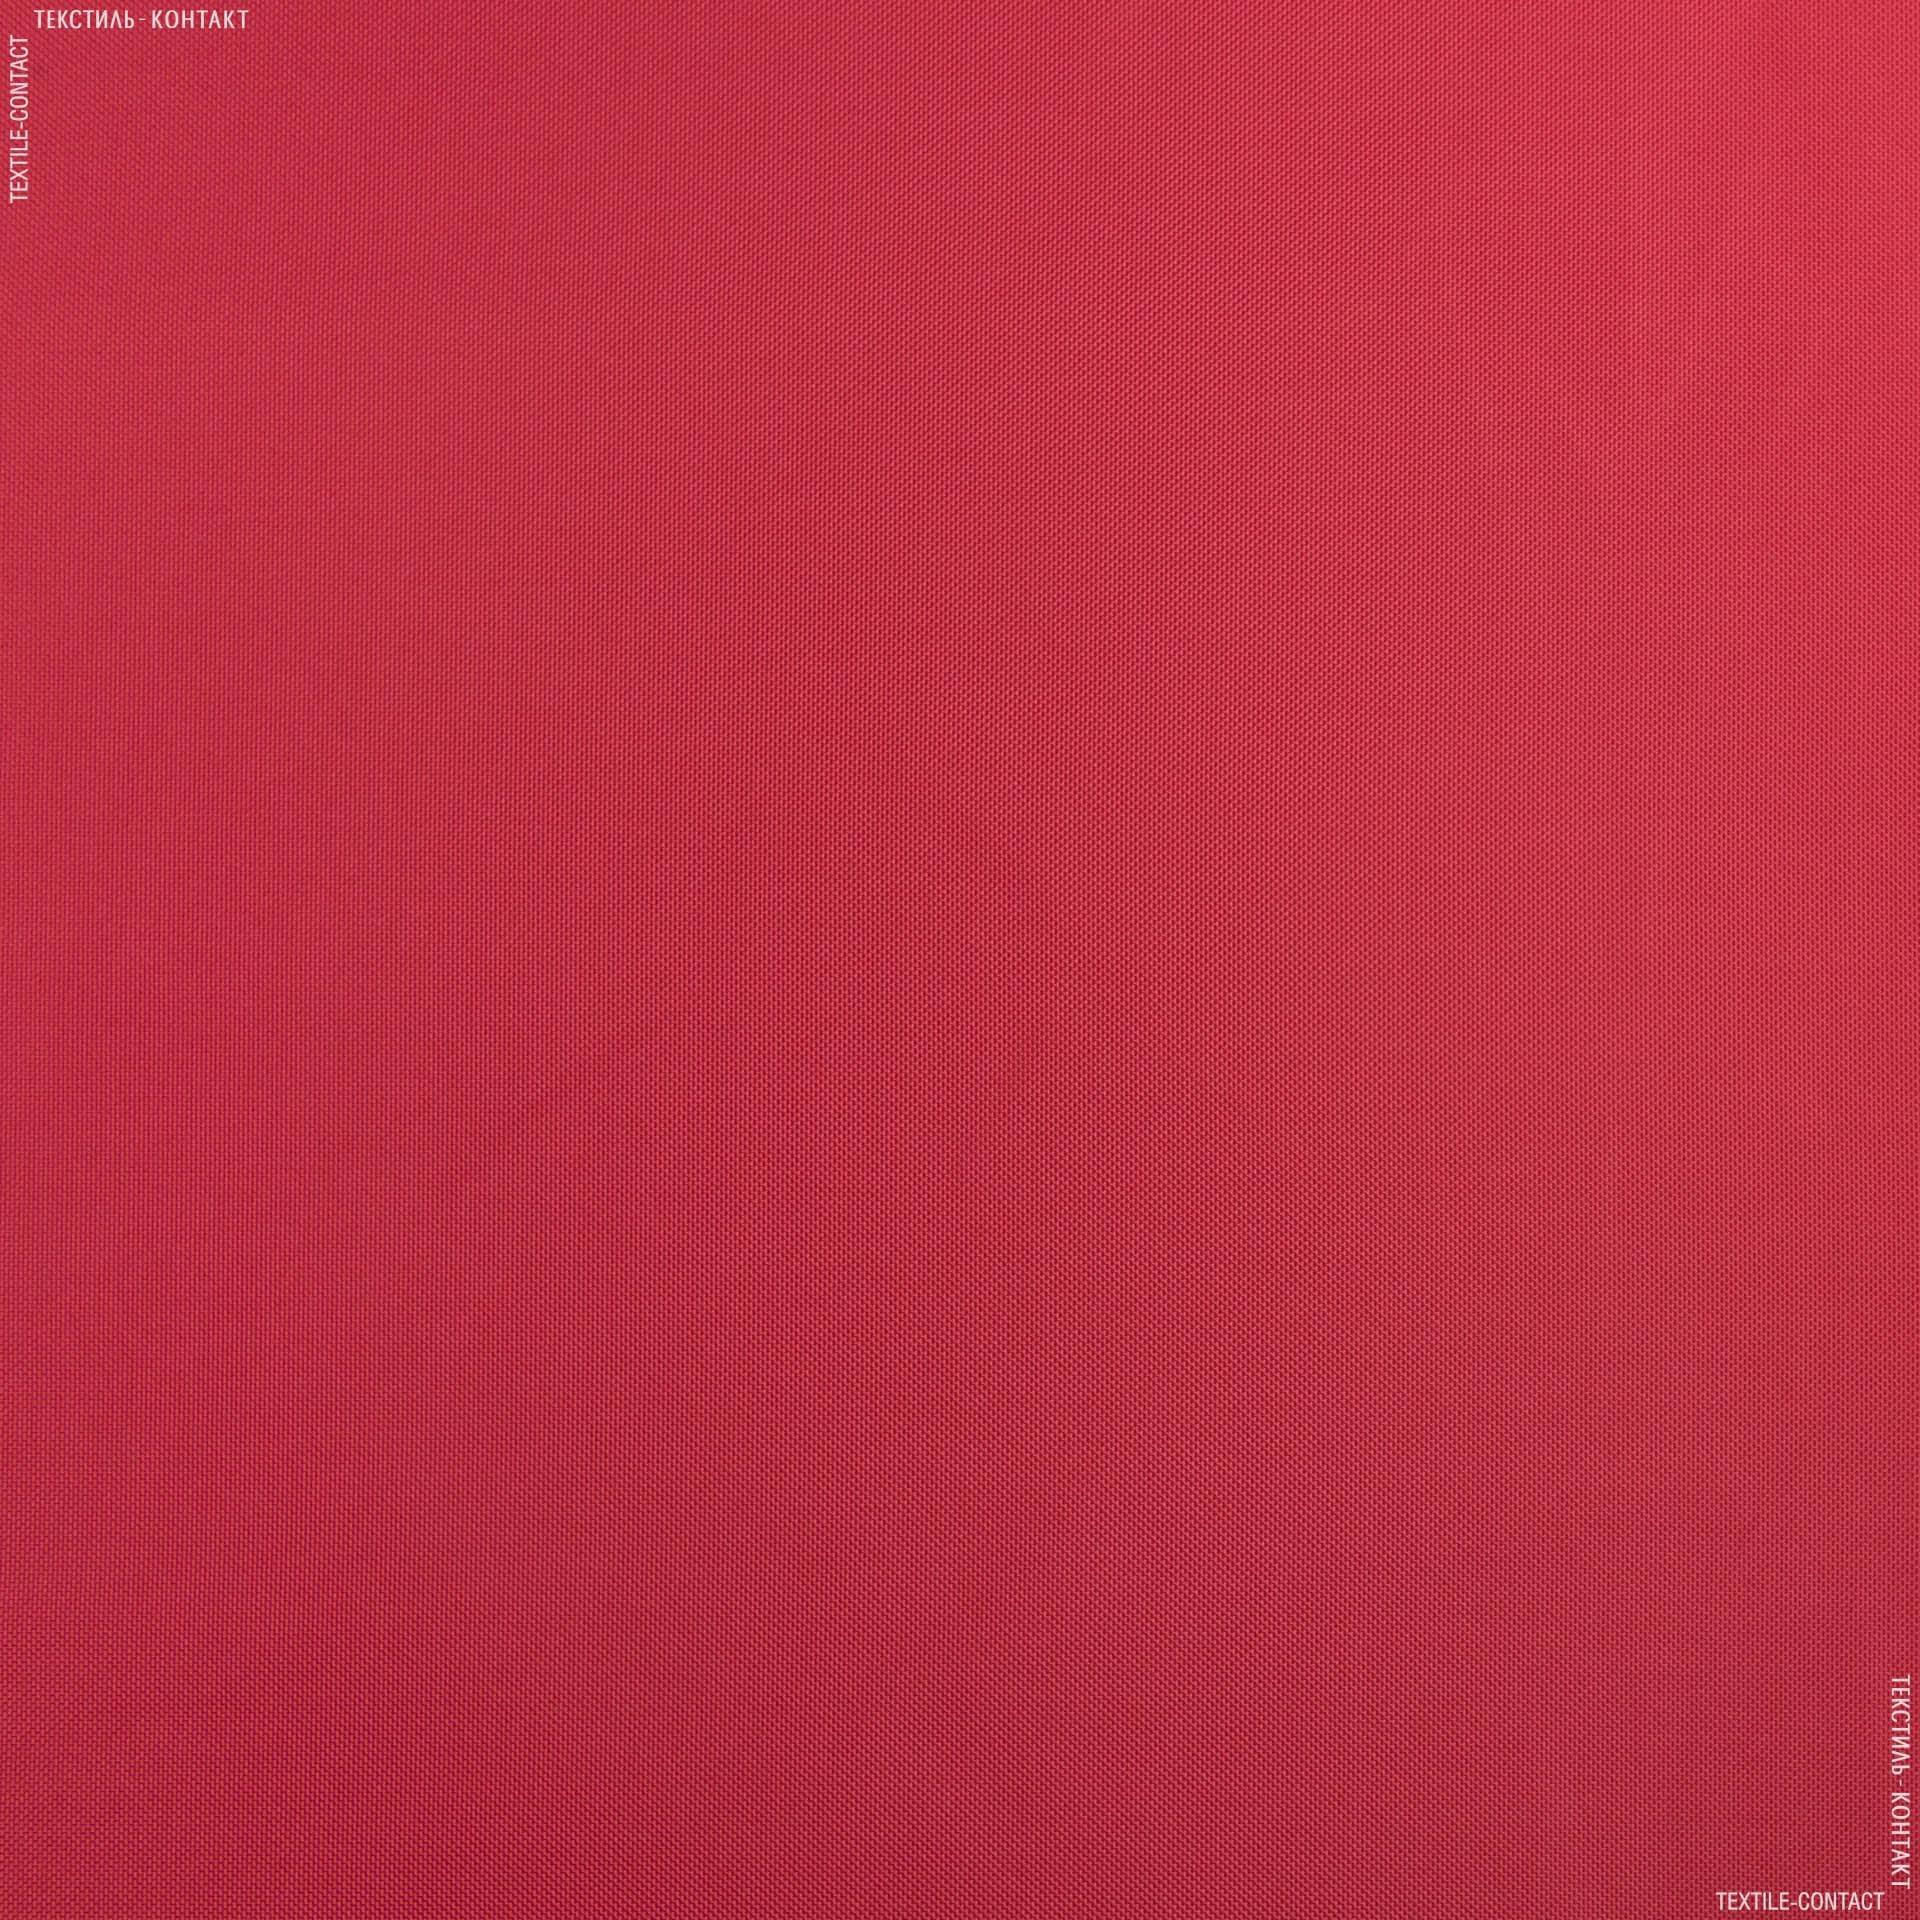 Ткани для банкетных и фуршетных юбок - Декоративная ткань земин  алый